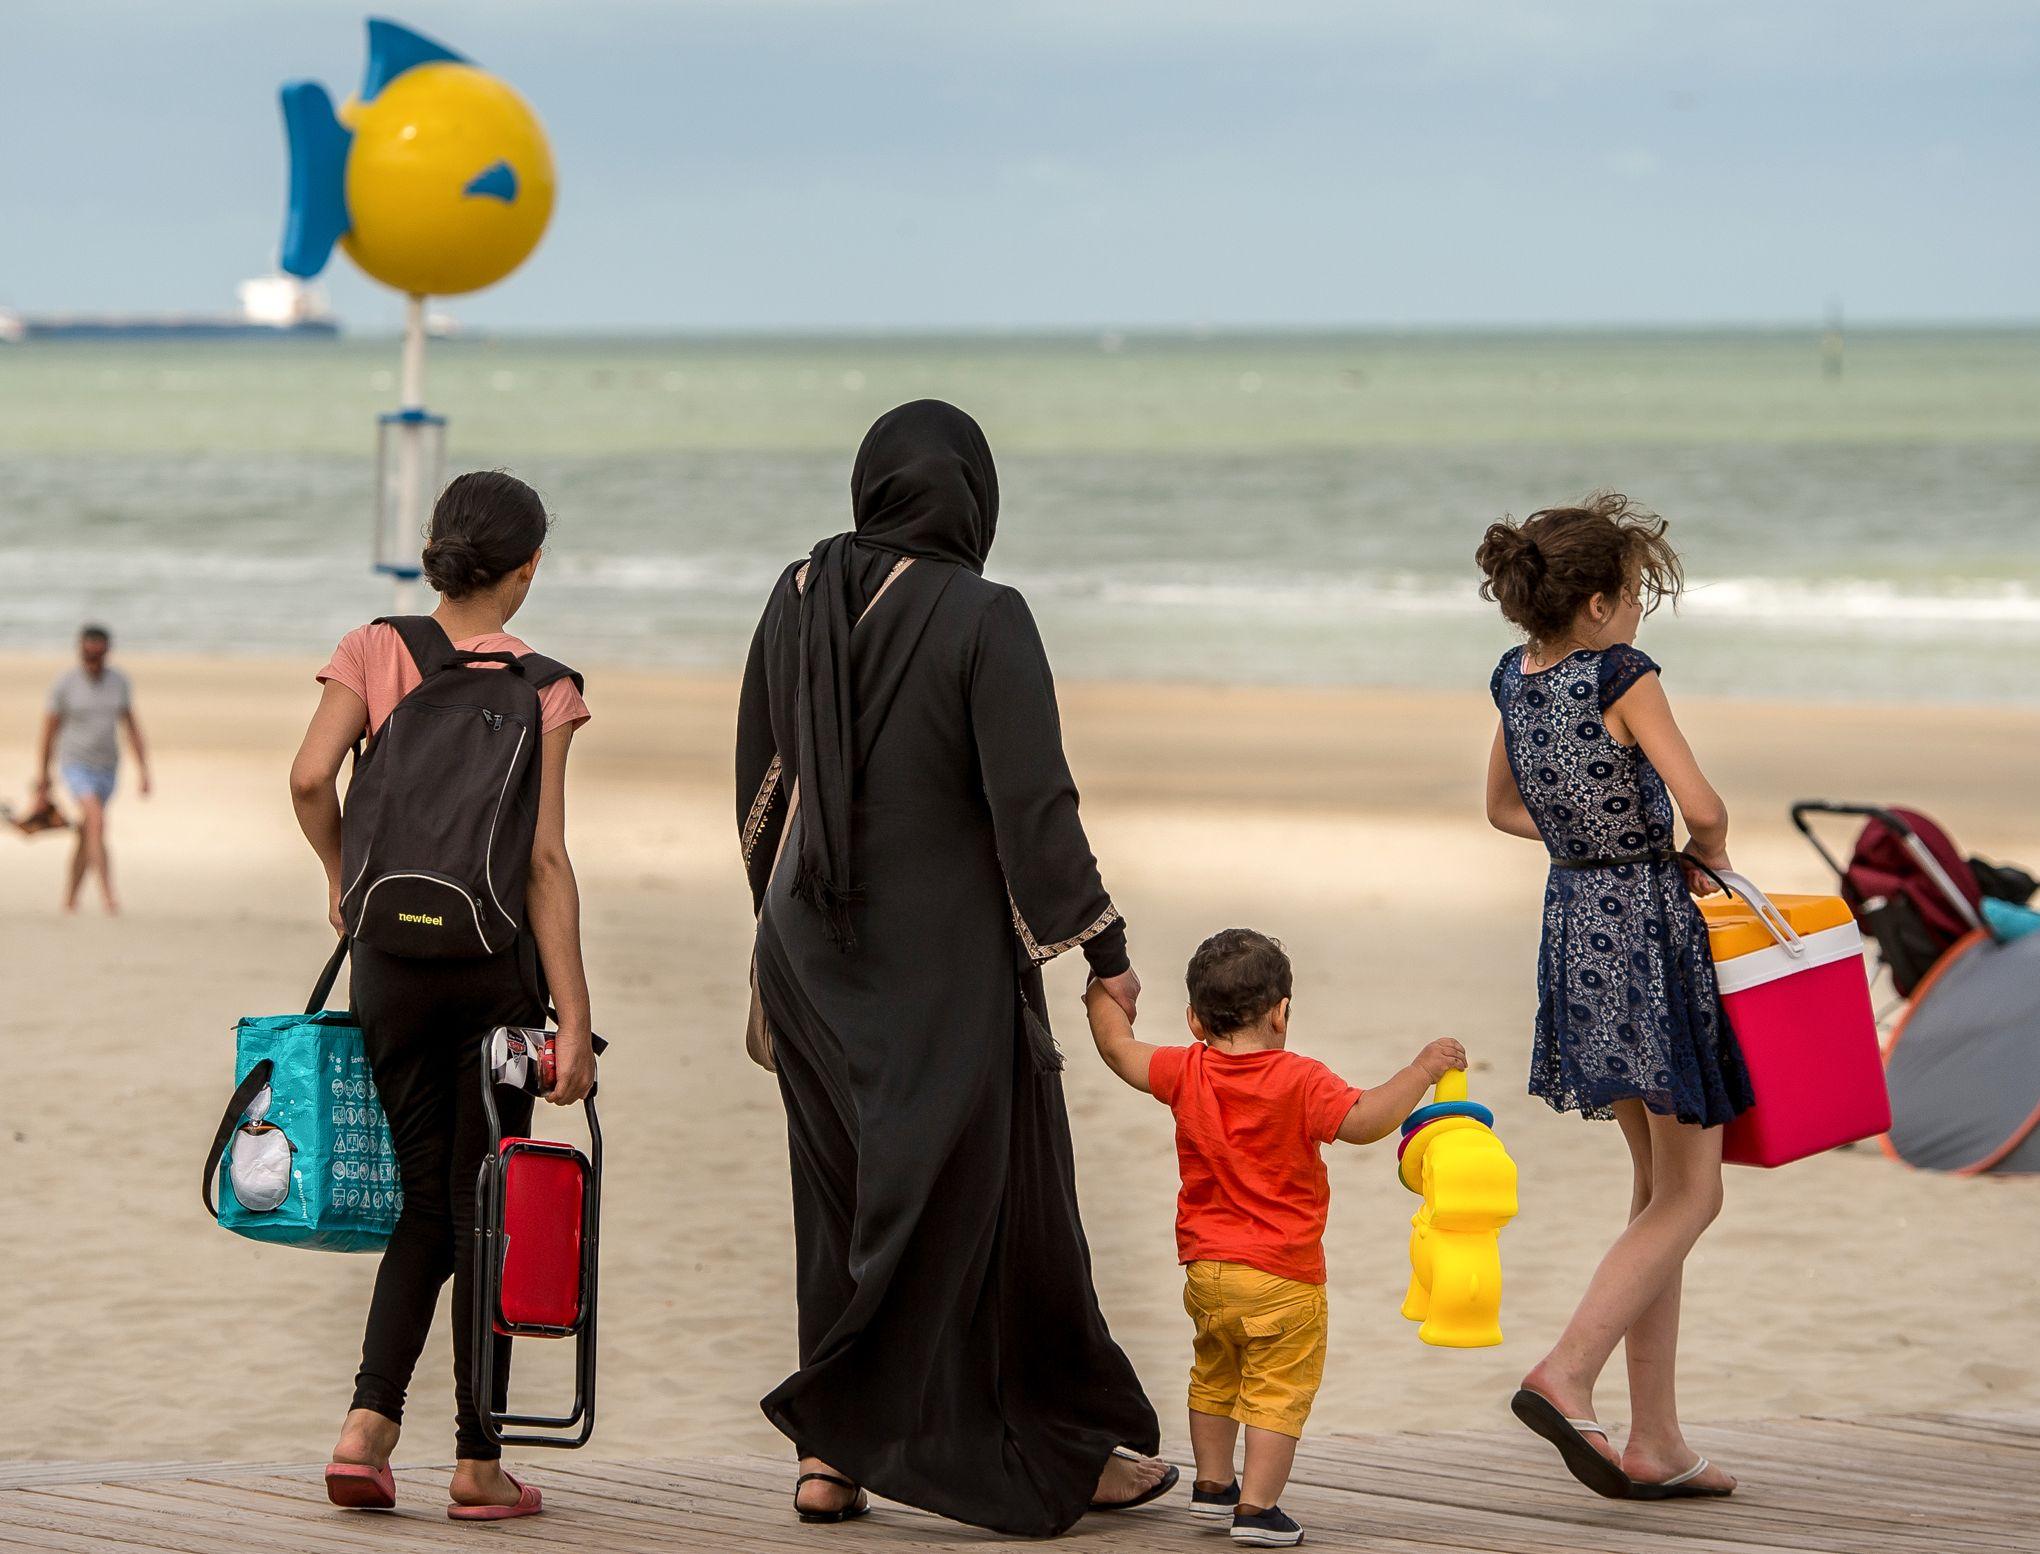 Le hijab est-il un signe religieux ou un signe politique de guerre aux démocraties?